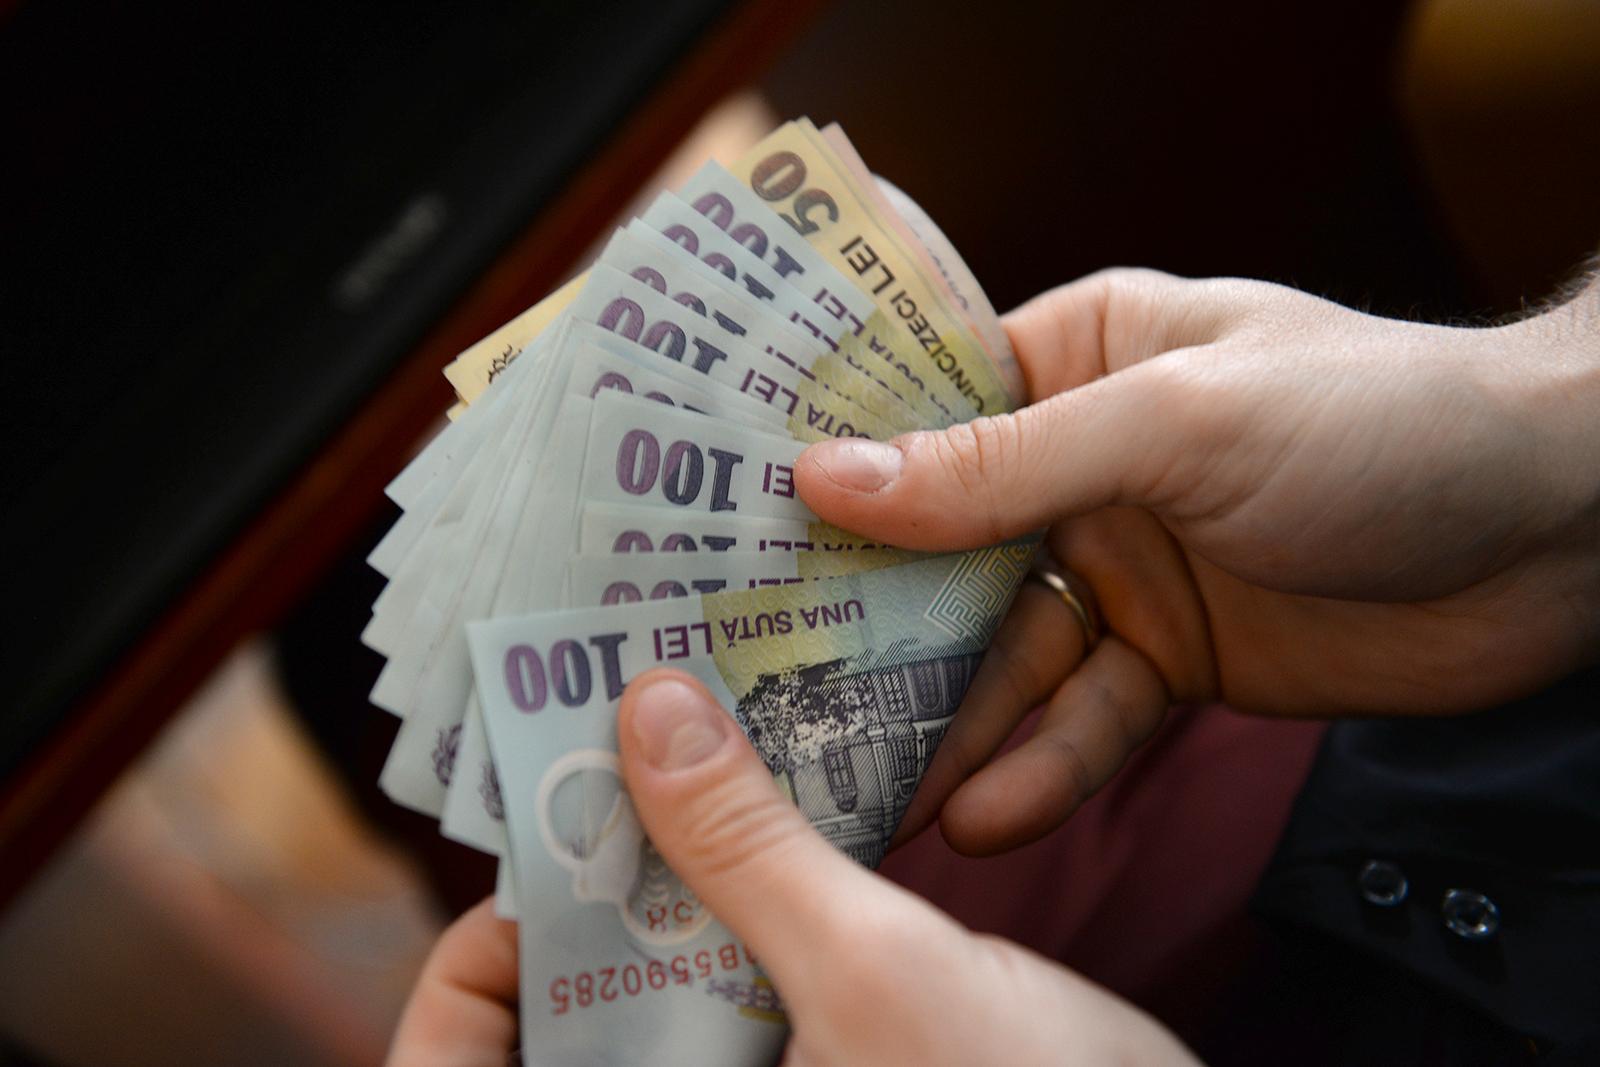 Creșterea economică e doar pe hârtie, jumătate dintre români se împrumută pentru plata facturilor